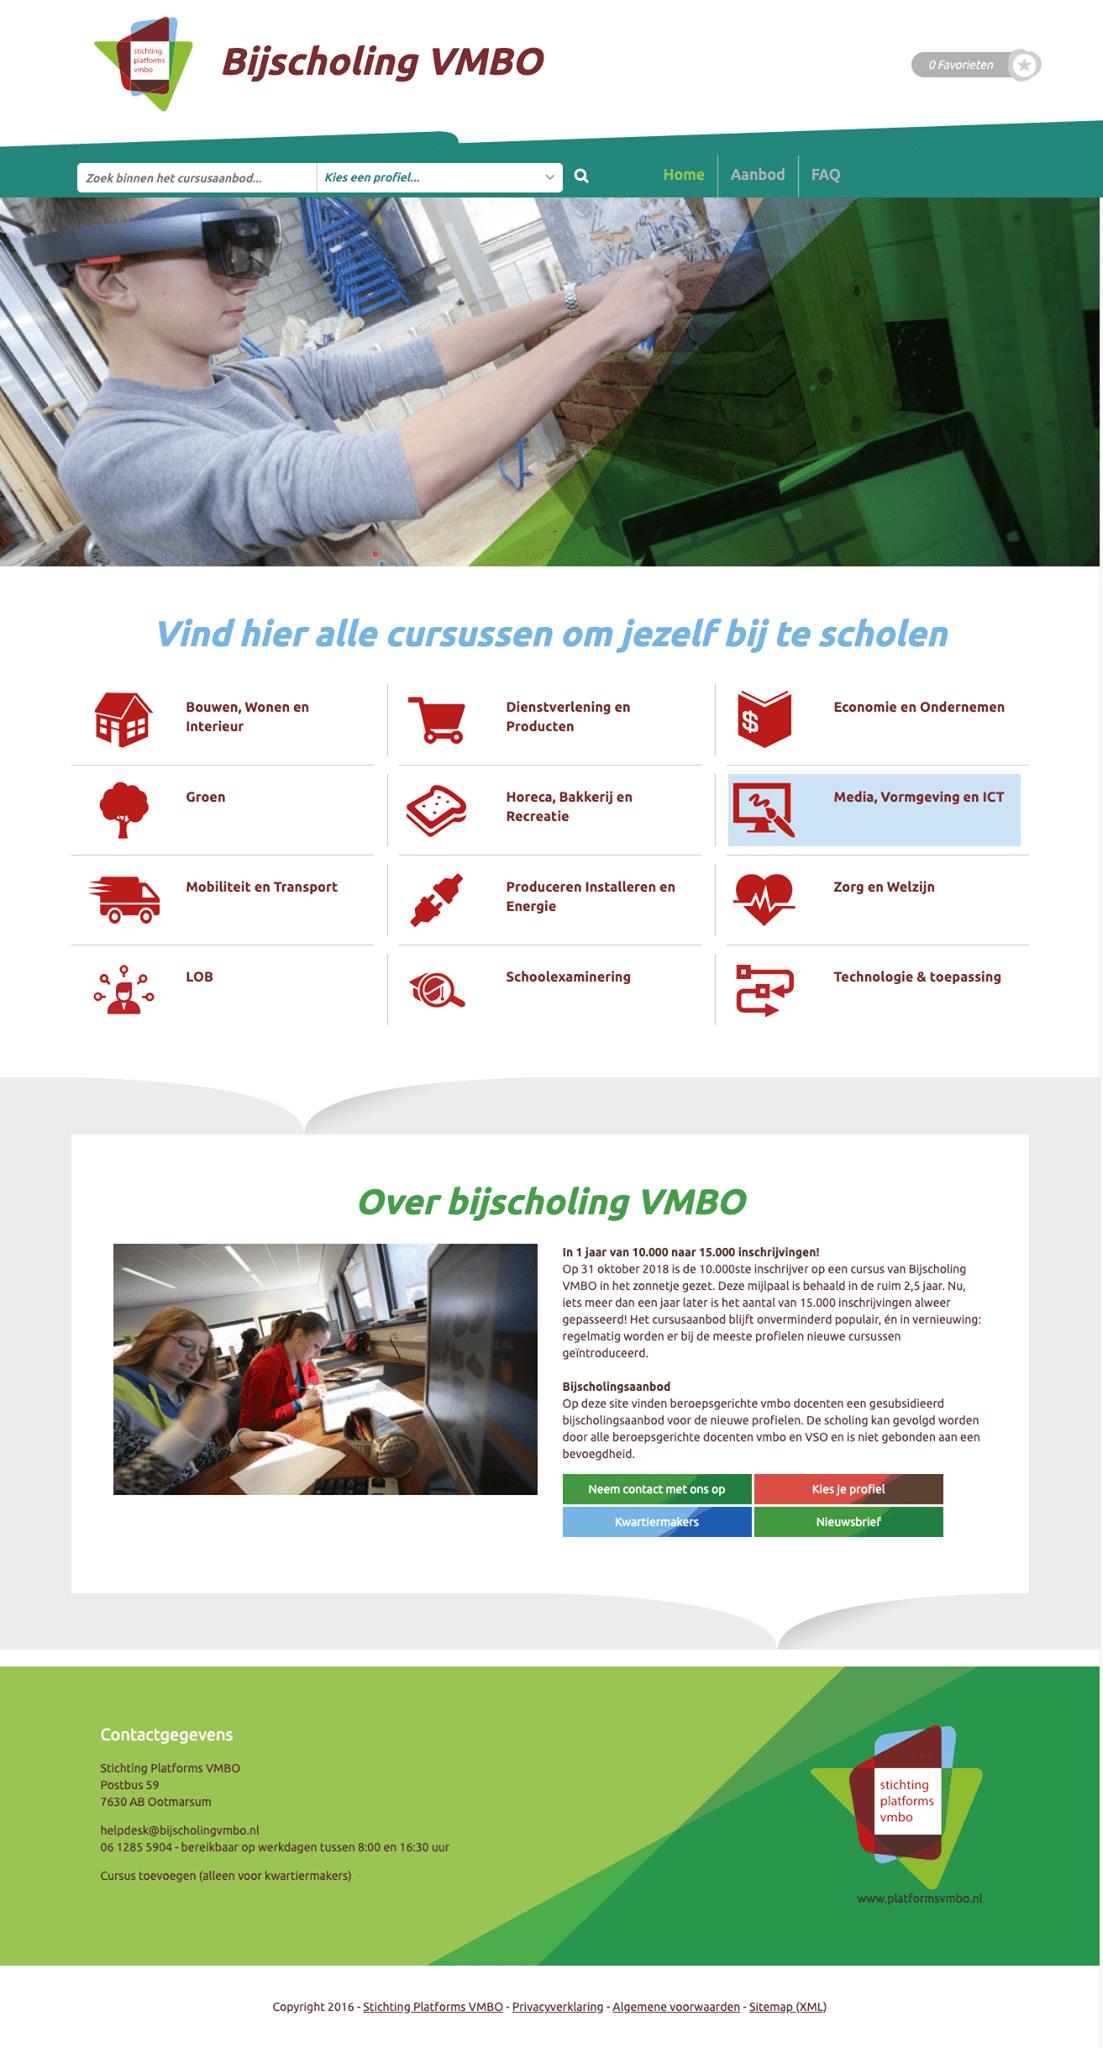 Bijscholing VMBO website